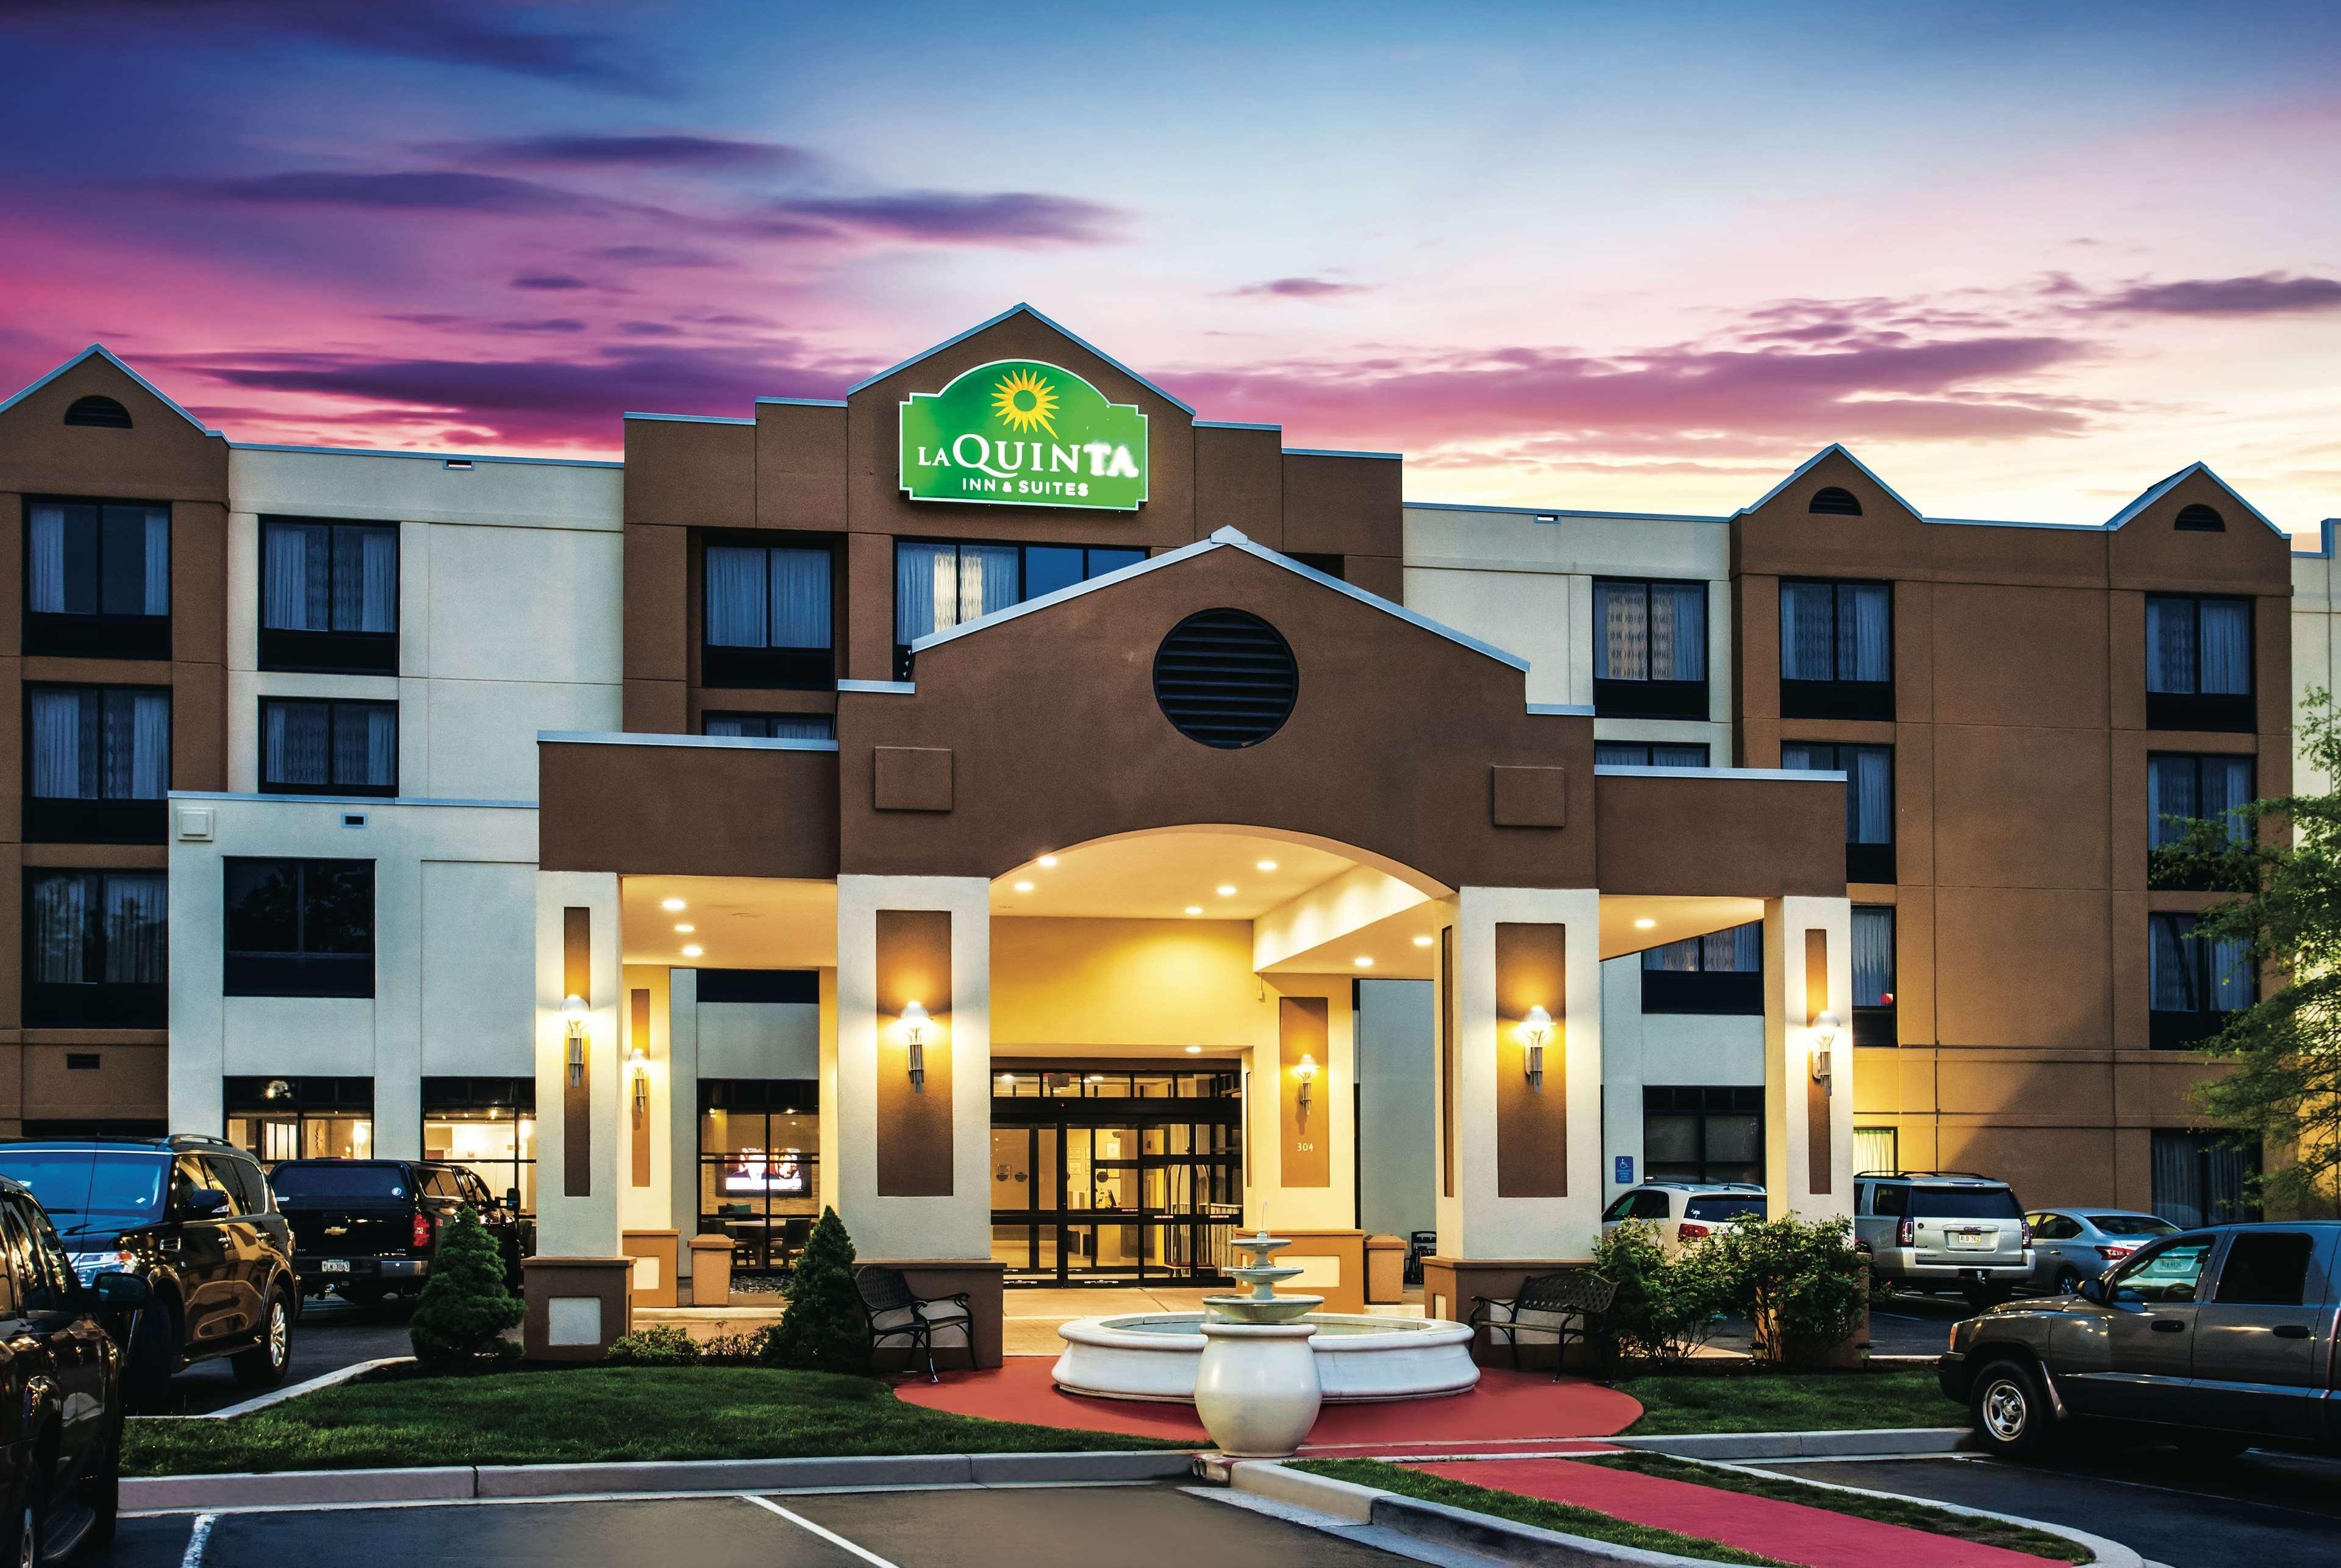 La Quinta Inn & Suites Newark - Elkton, Cecil